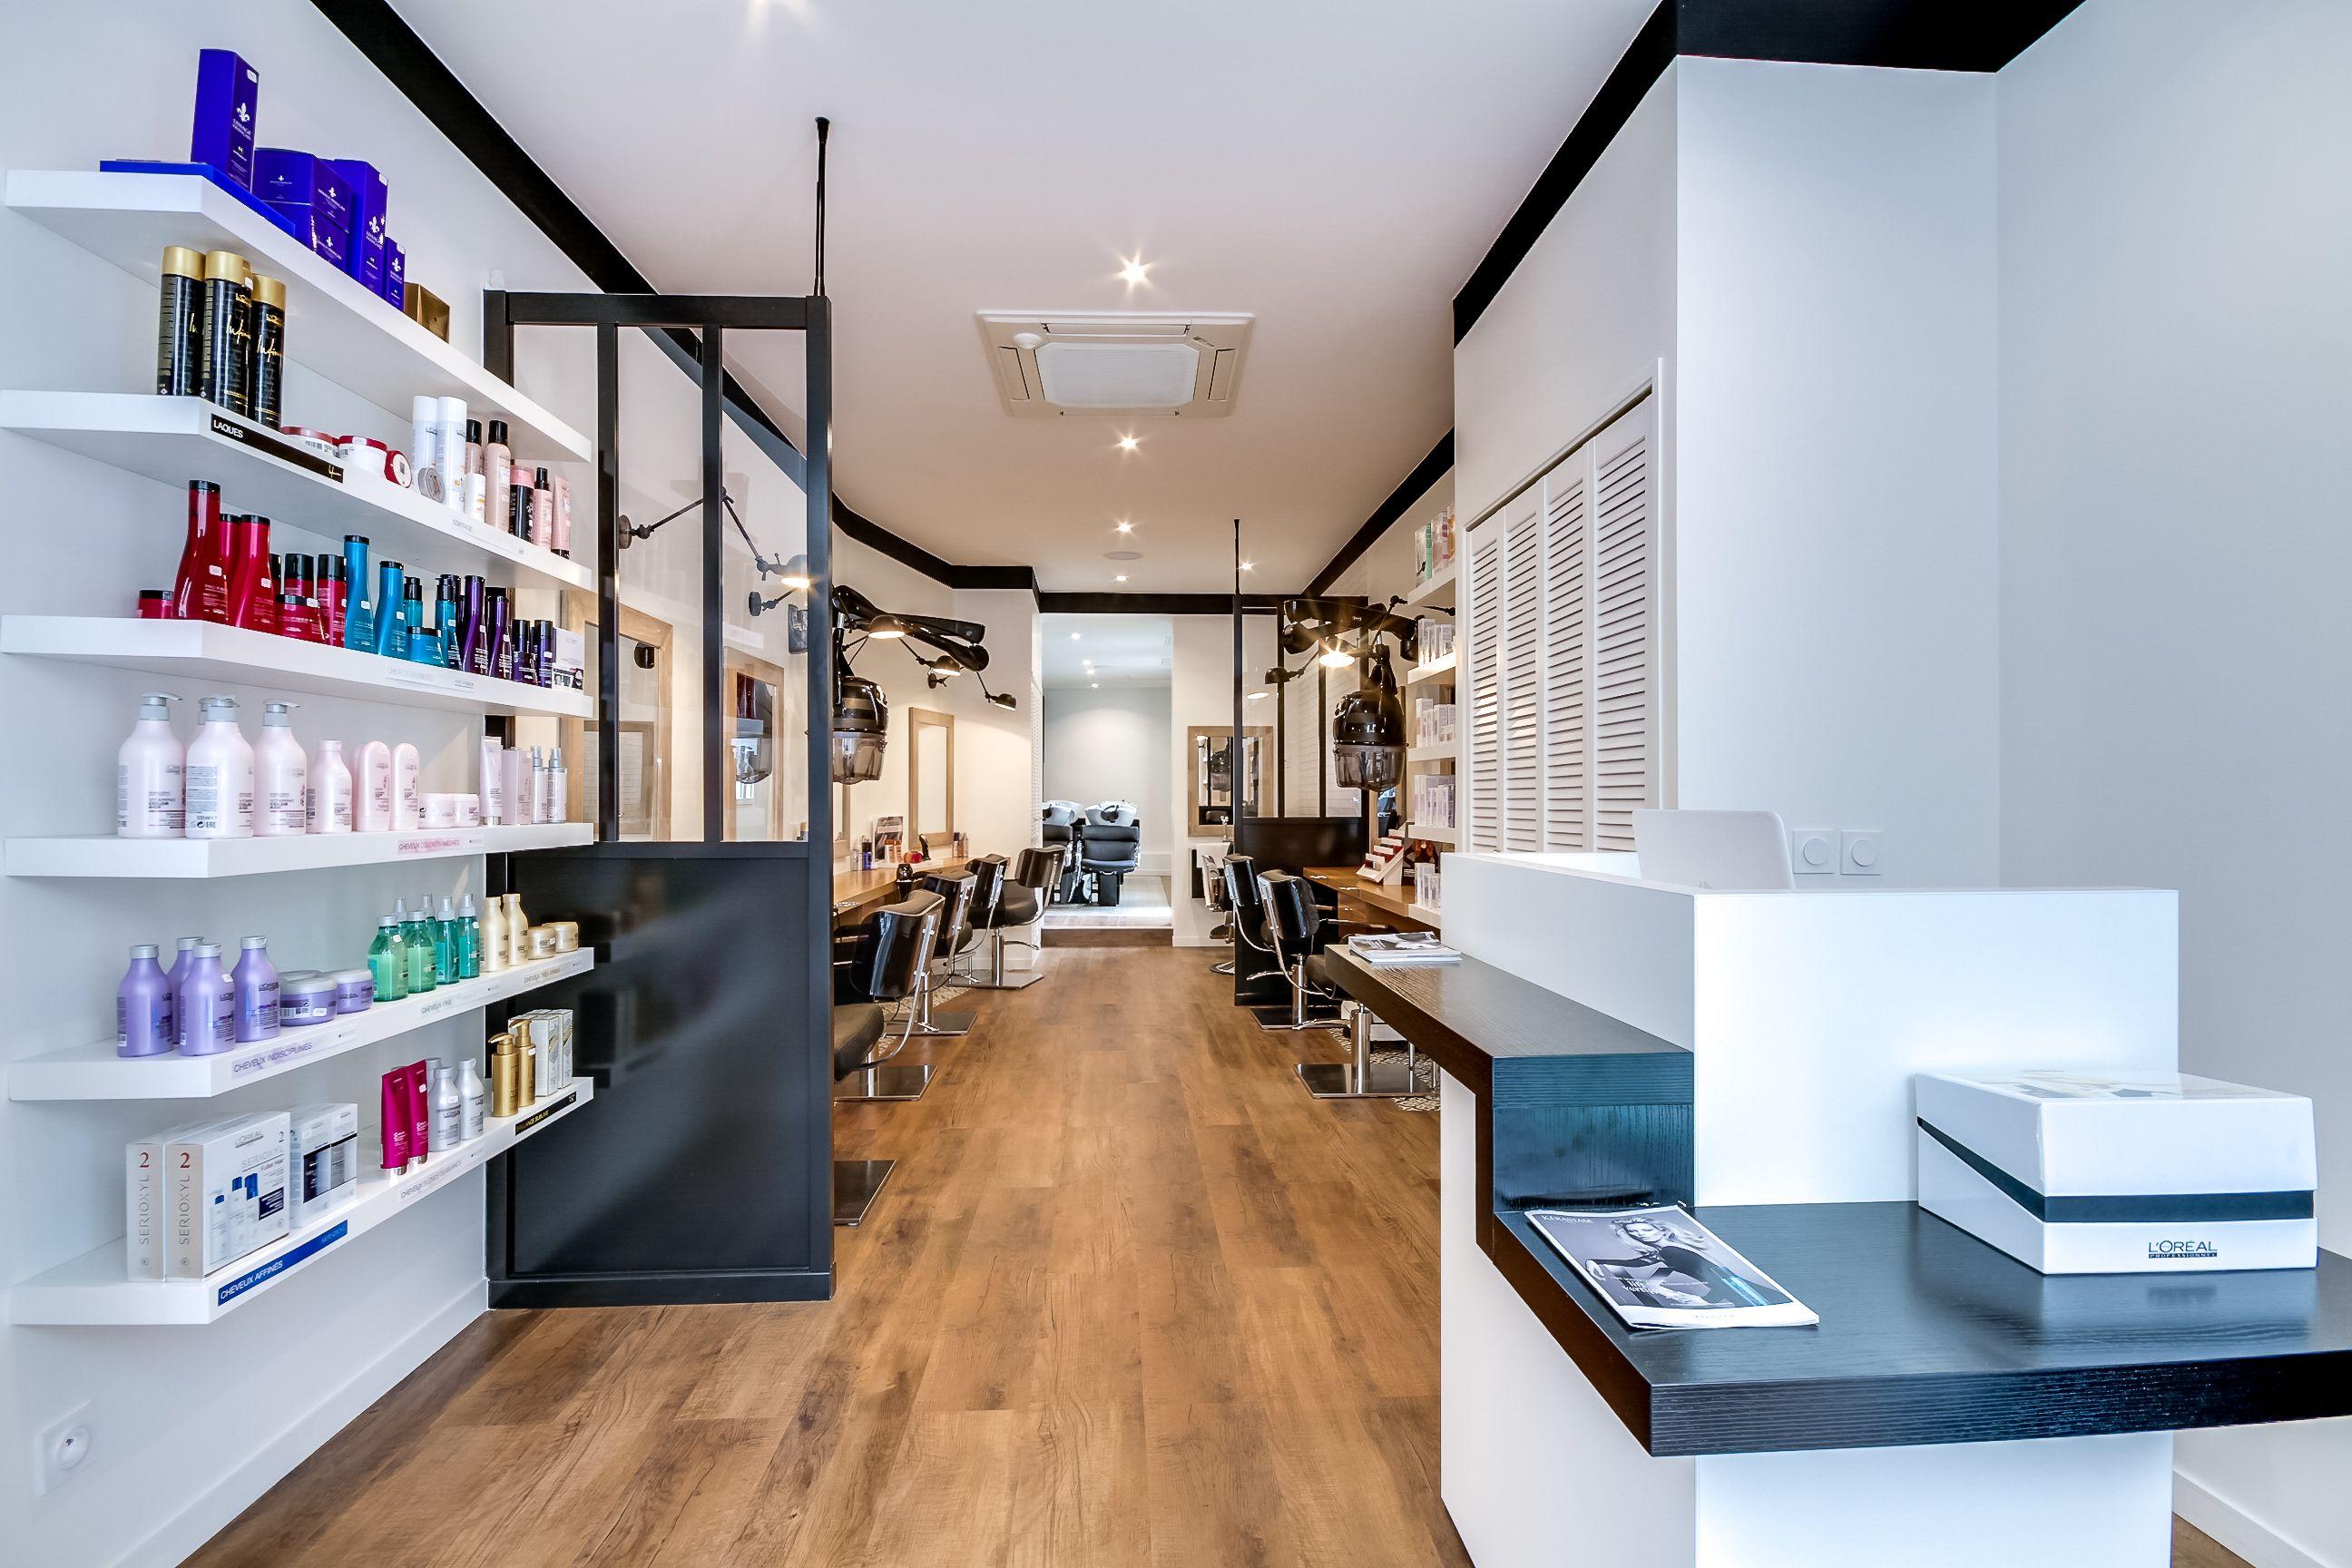 Beau Amenagement D Un Salon #7: Rénovation Totale Du0027un Salon De Coiffure. Paris. Création Espace Barber.  Restructuration